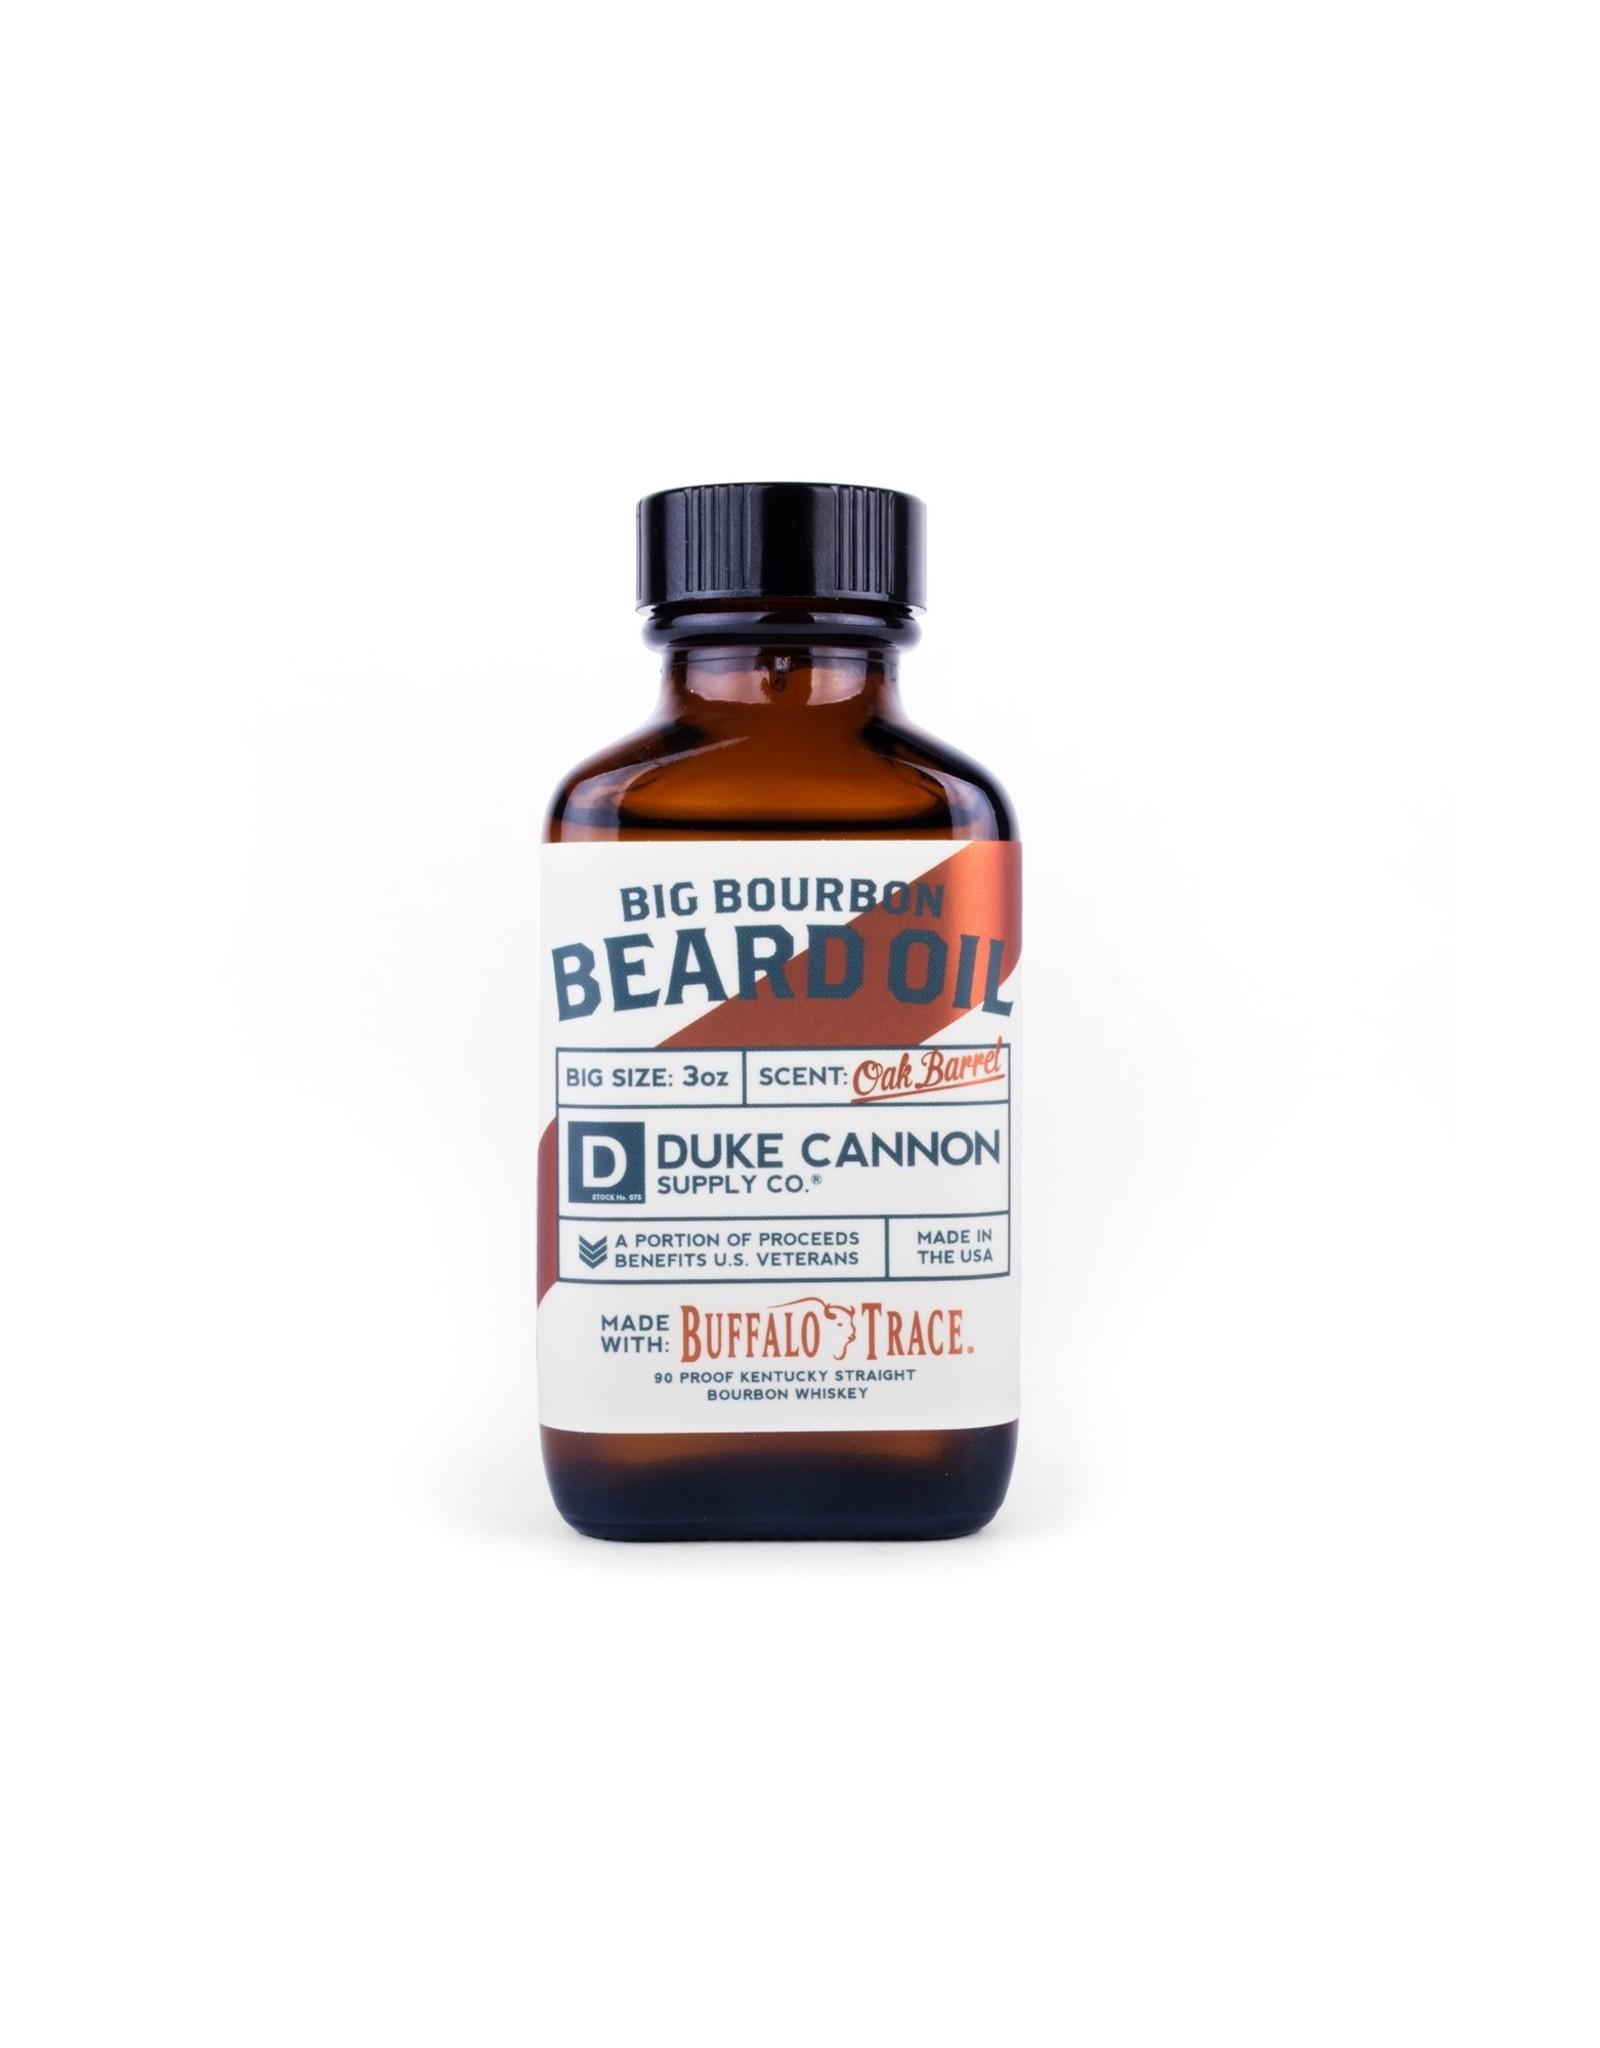 Duke Cannon Buffalo Trace Bourbon Beard Oil